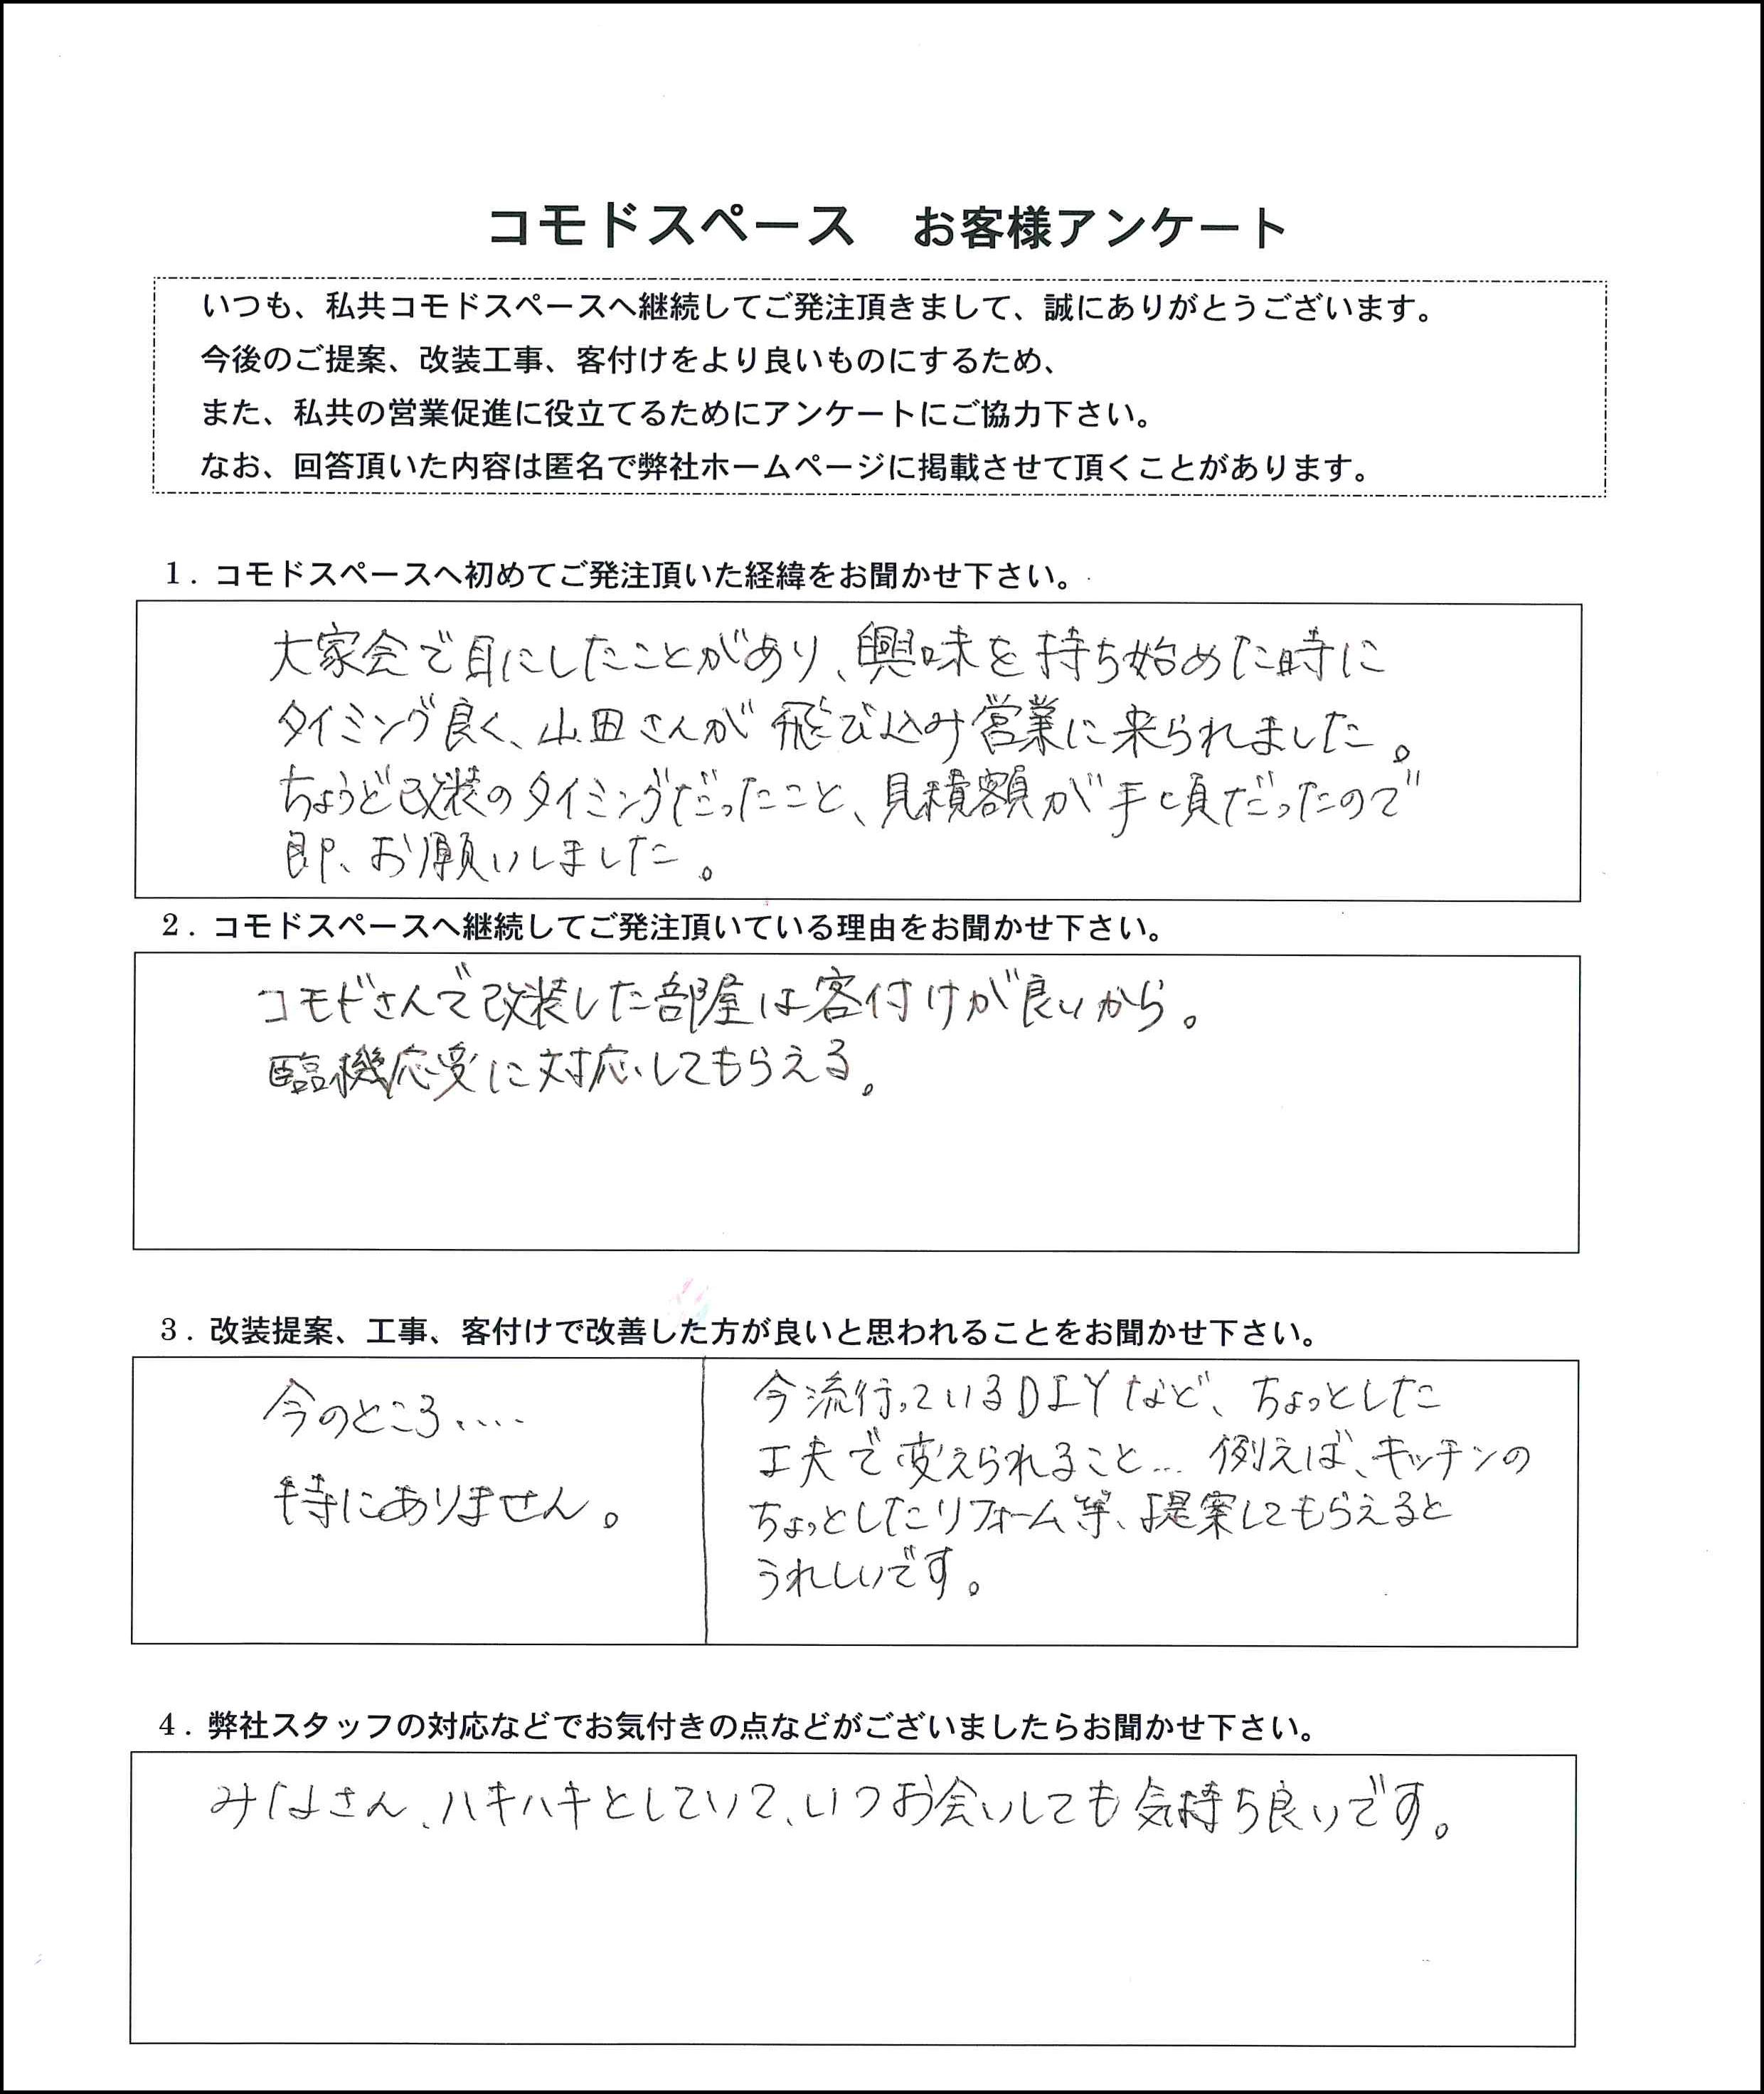 お客様アンケート(渡名喜智子)